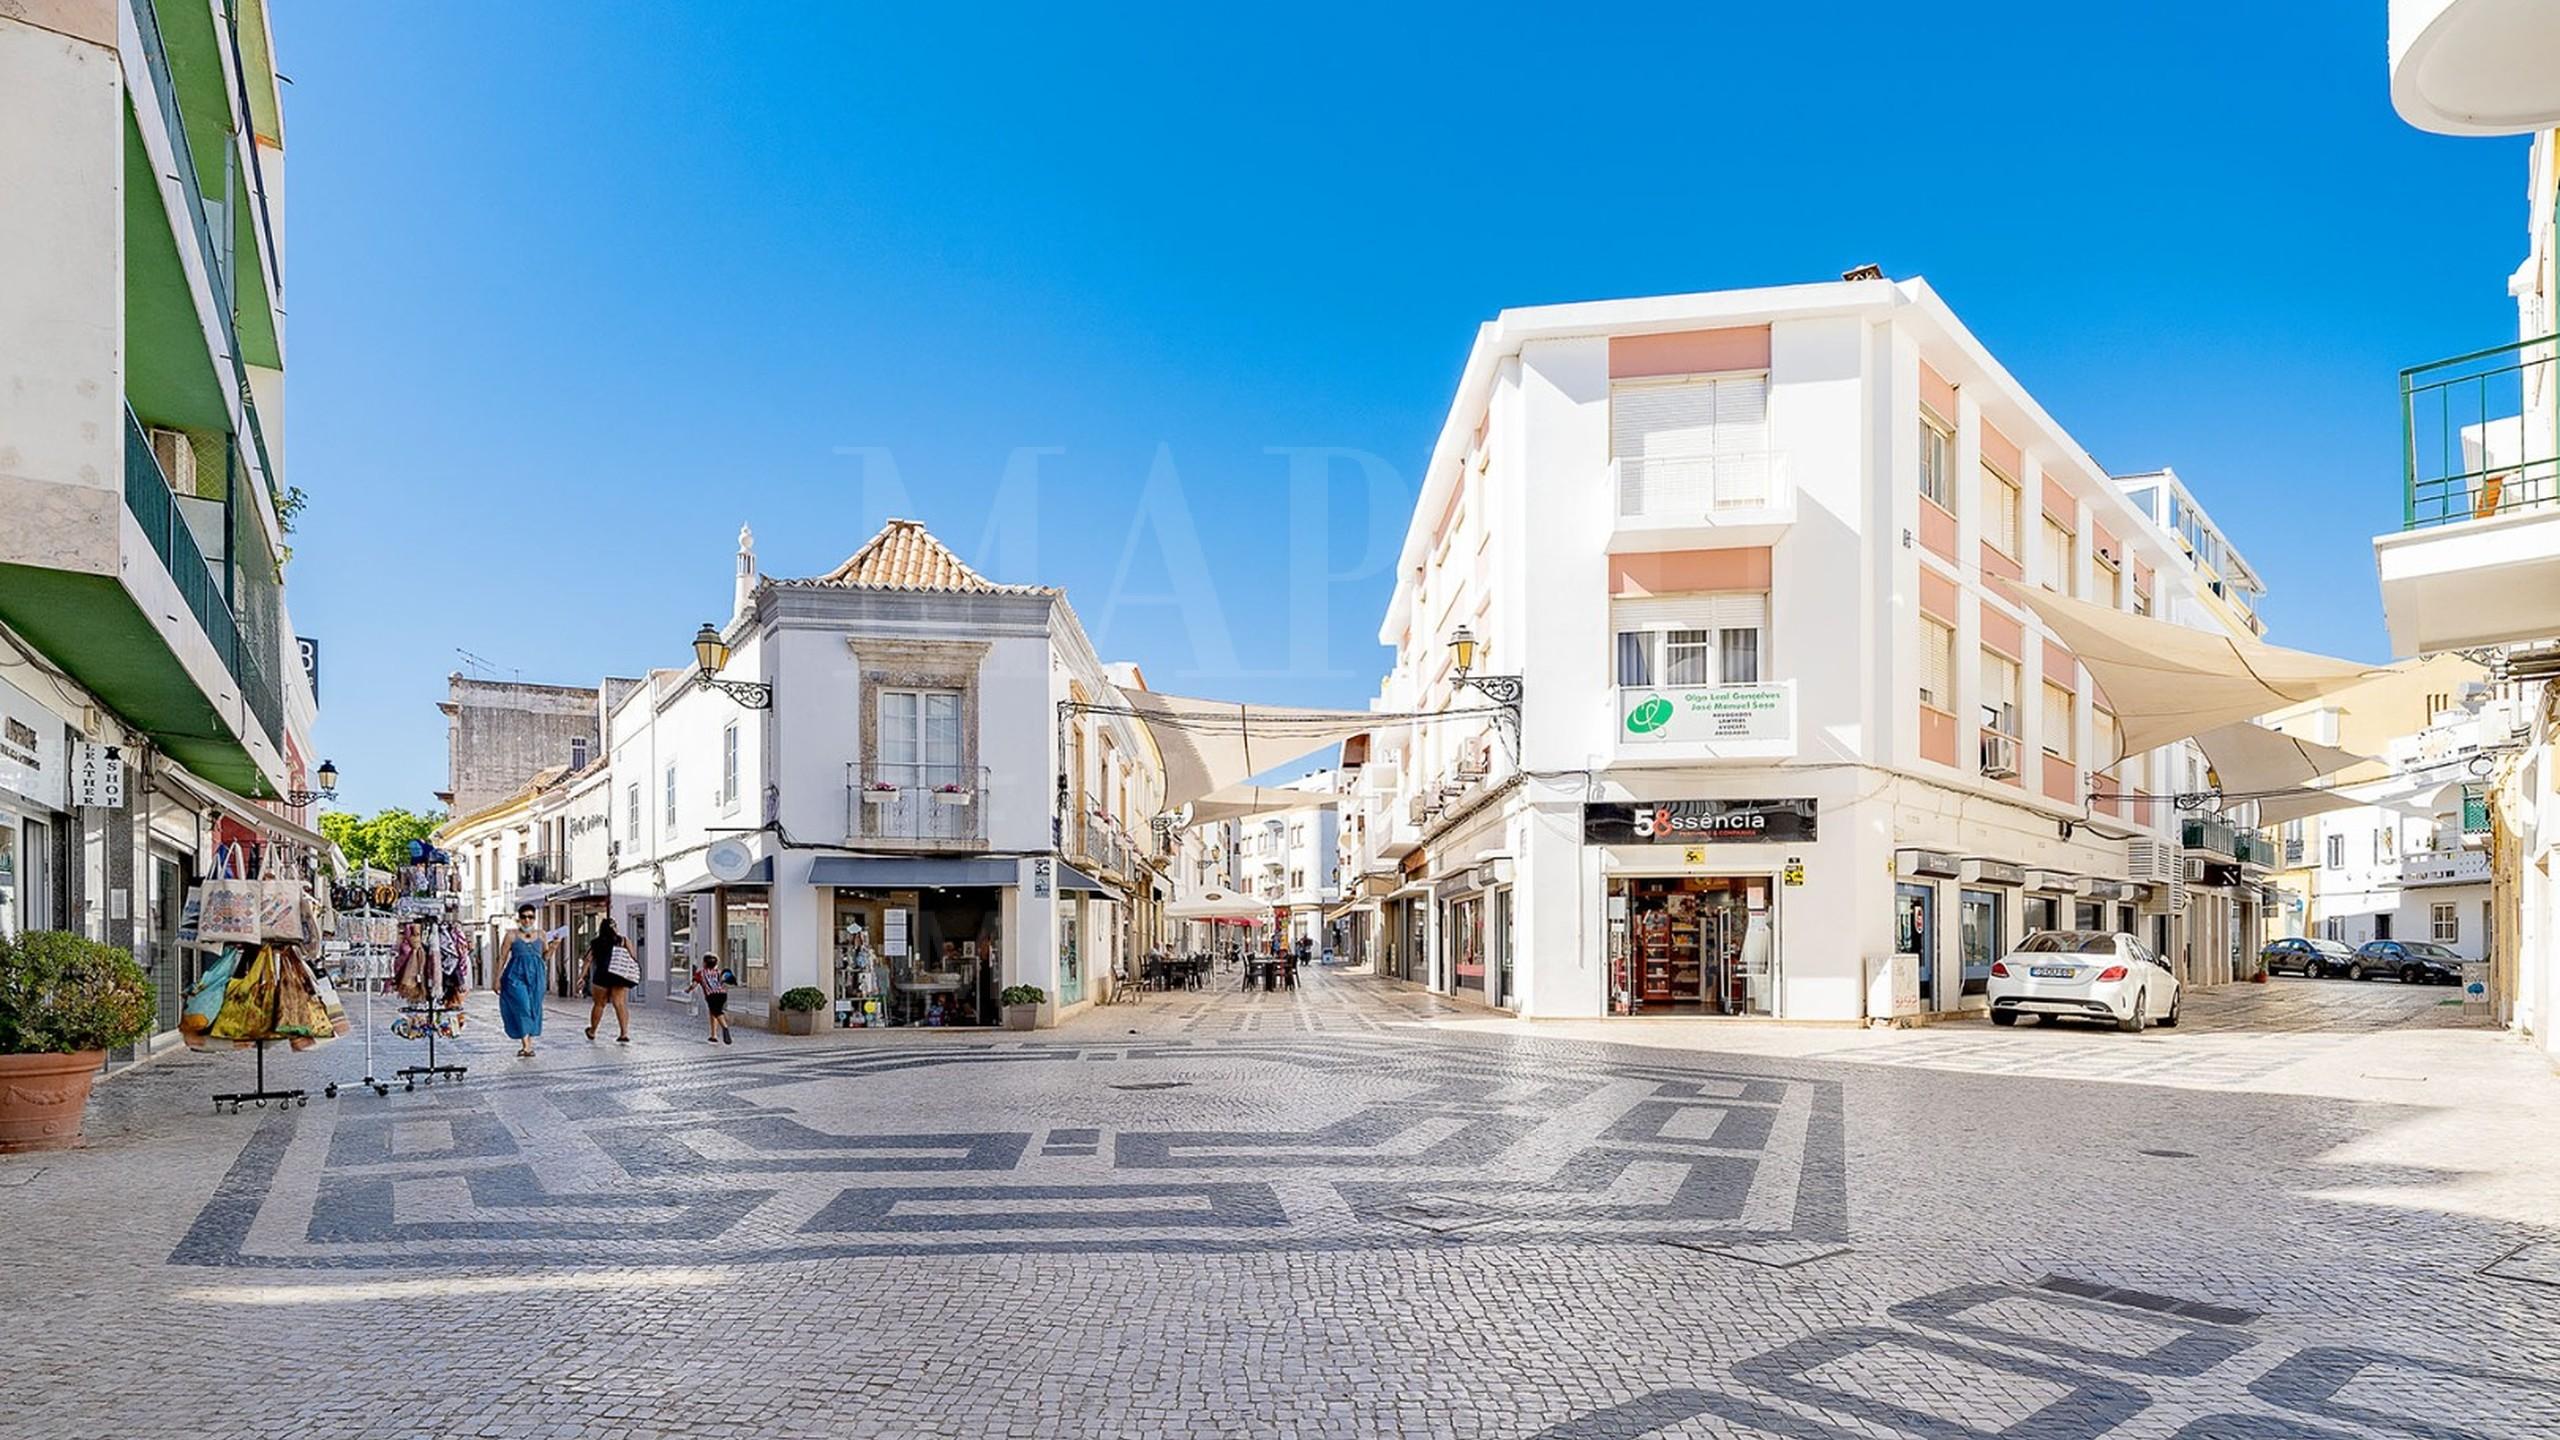 Immeuble résidentiel et commercial dans le centre de Faro